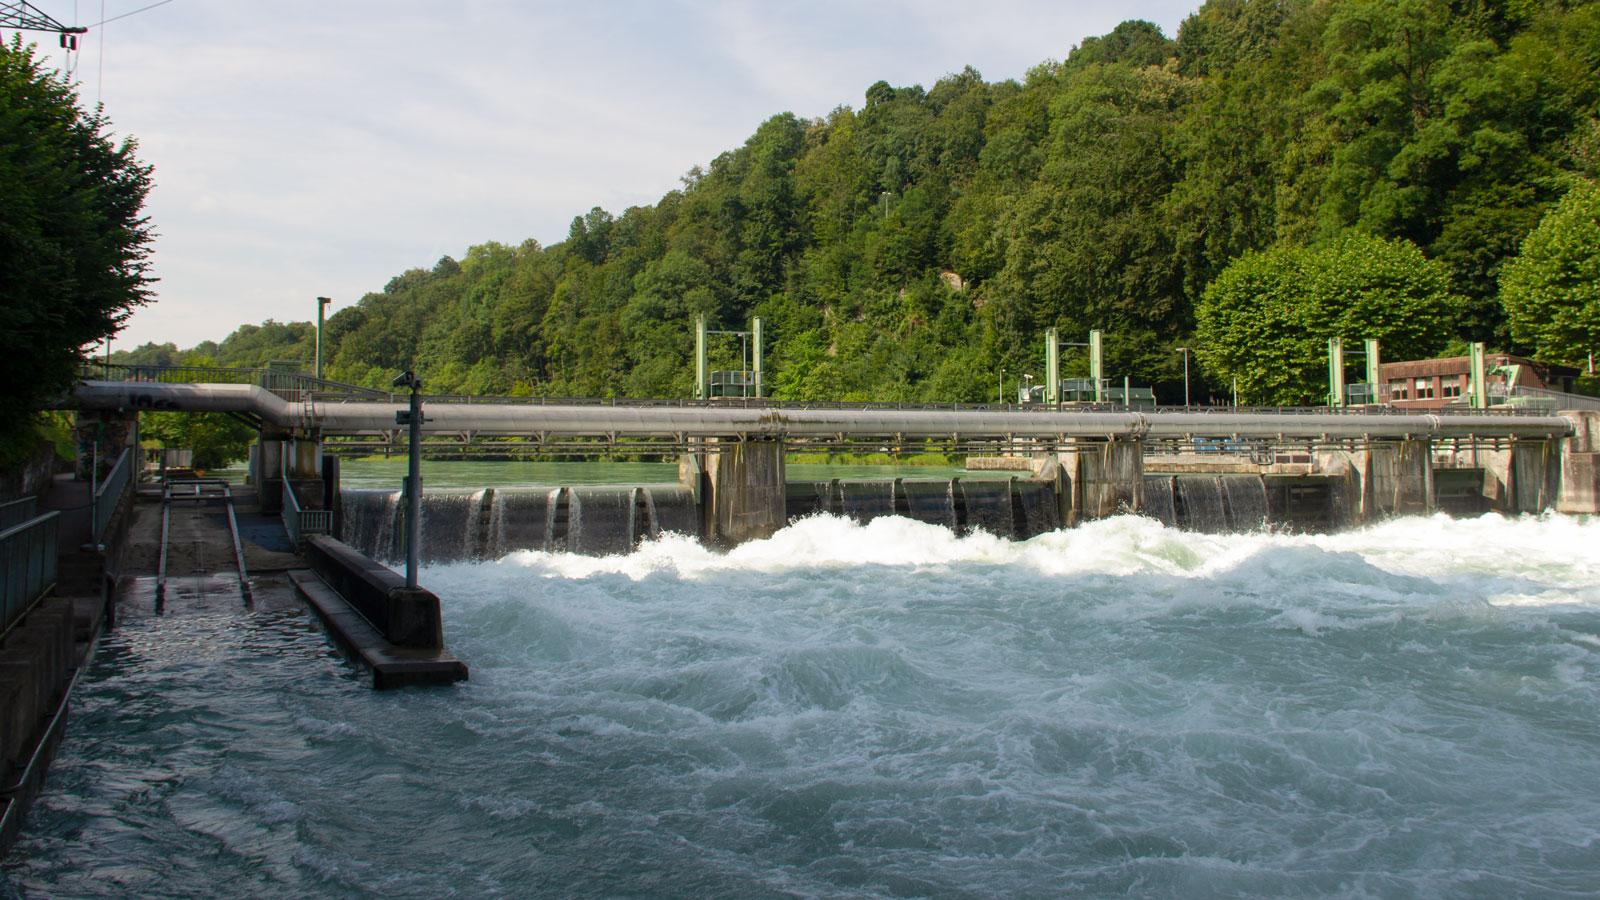 Je nach Abfluss und Betriebszustand entstehen im Tosbecken Kehrwasser und Wasserwalzen. Die Situation kann sich zudem schnell ändern, wenn etwa das Kraftwerk vom Netz fällt und dadurch die Wehrfelder geöffnet werden